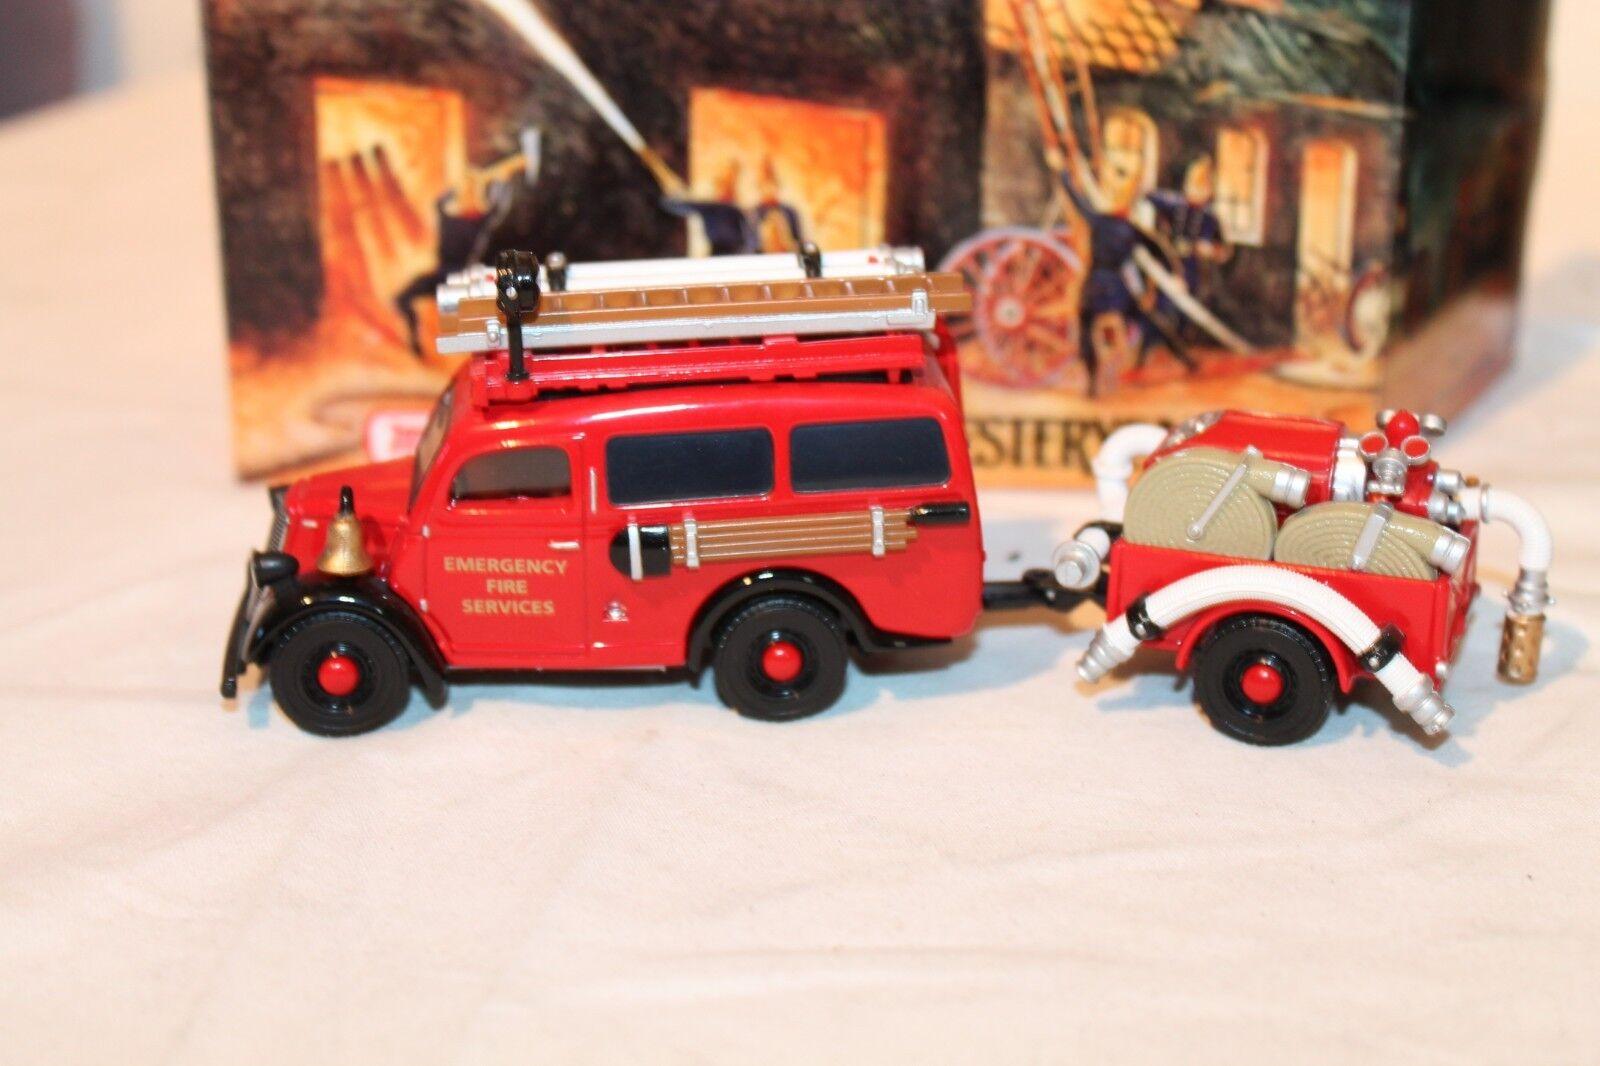 Matchbox Matchbox Matchbox YFE-18 1950 Ford E 83 W Fire Services Pumper Van & Trailer 9b6045